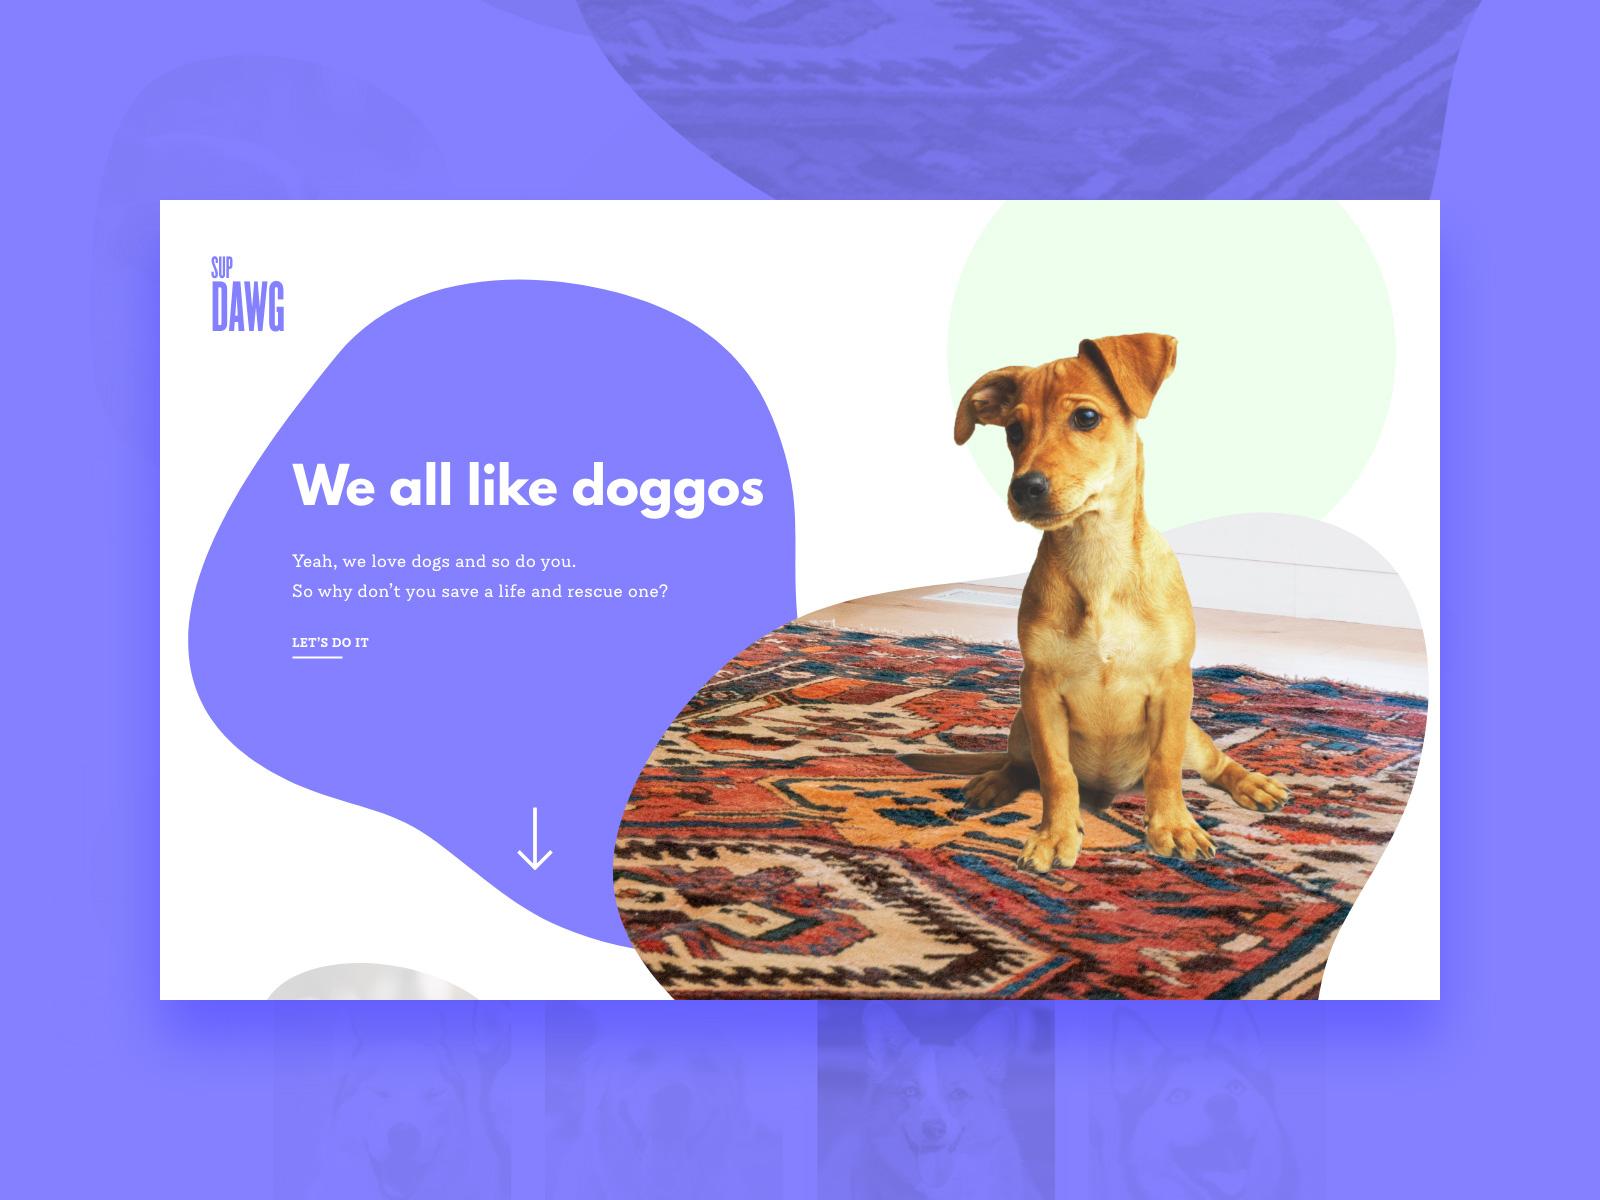 Doggo.jpg